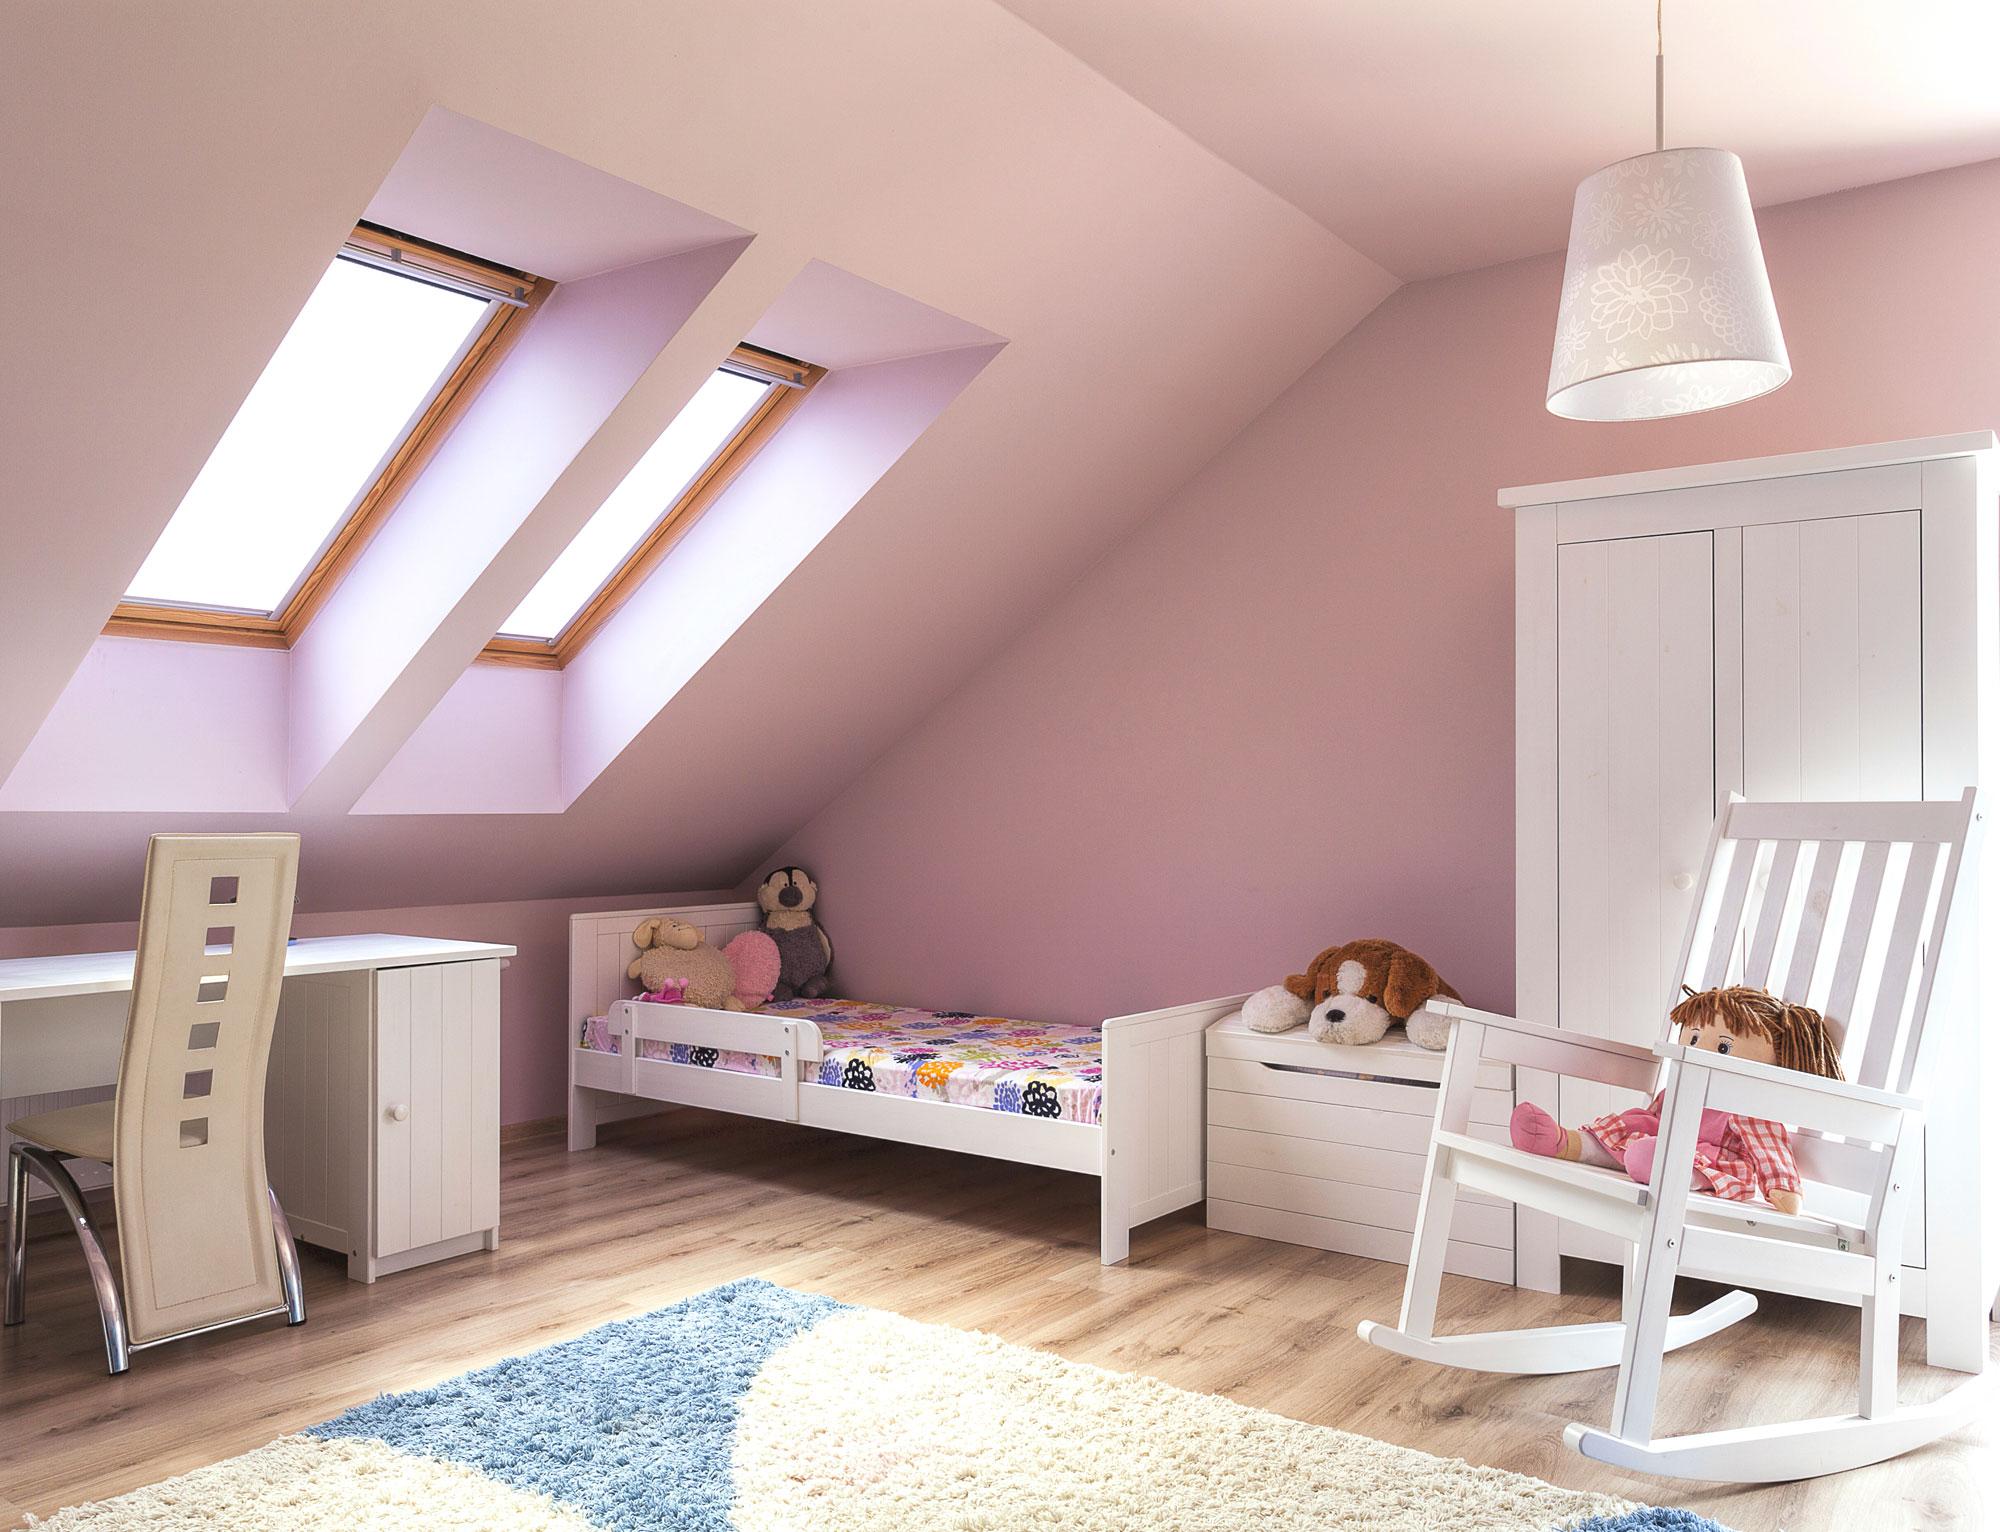 Iluminaci n en habitaciones infantiles hogarmania for Lamparas para buhardillas